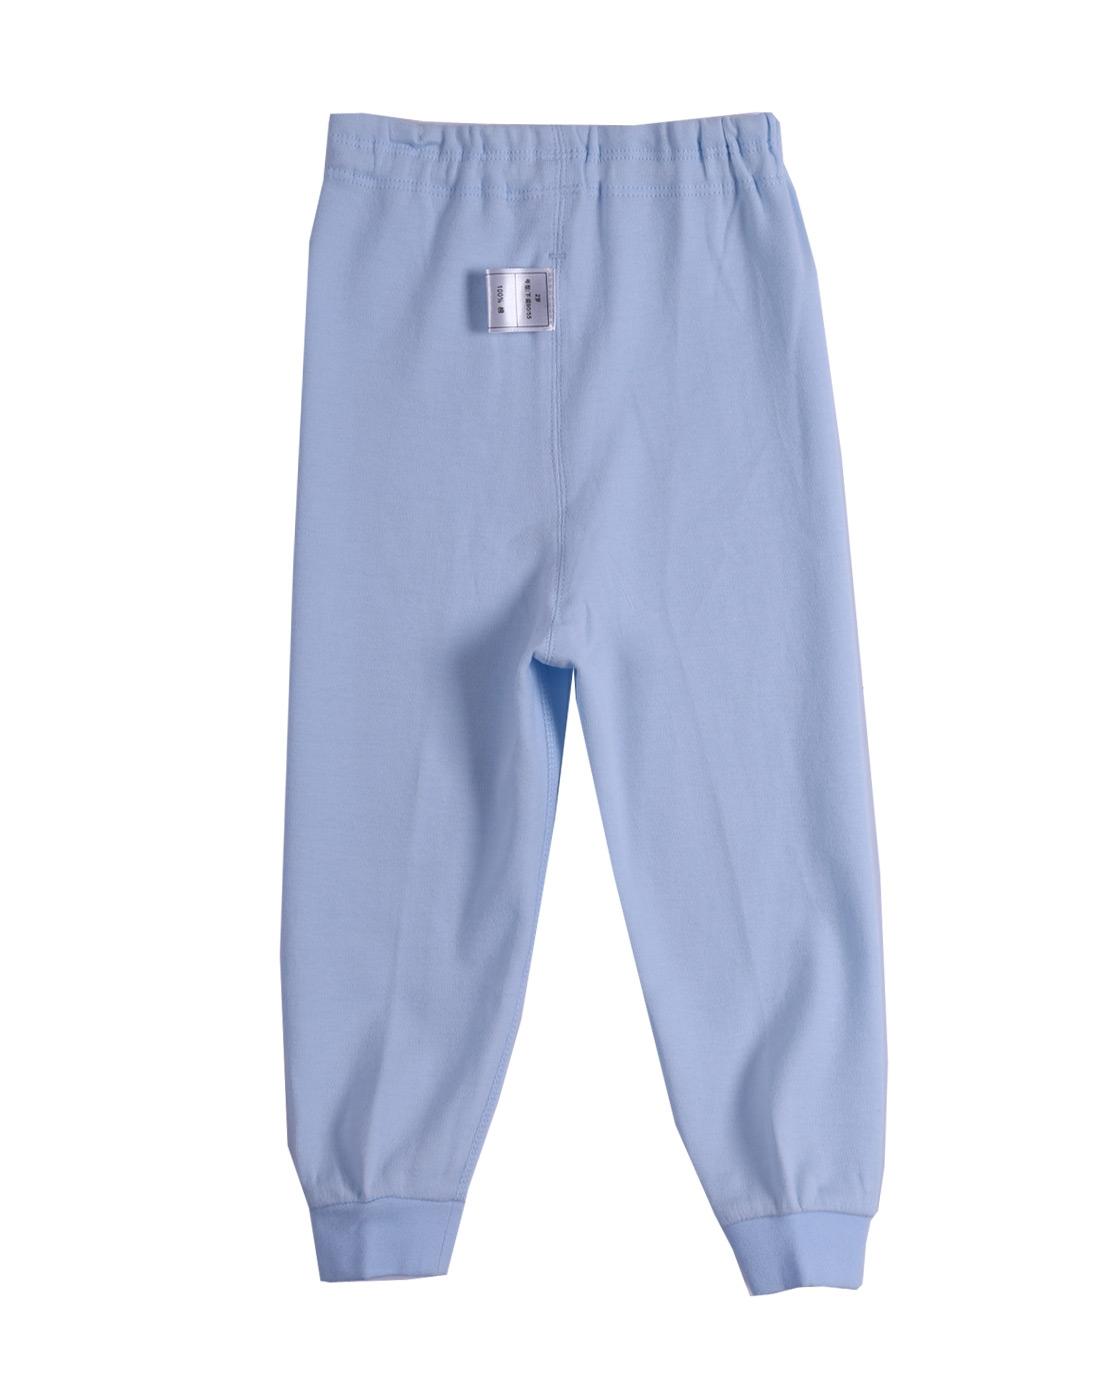 中性浅蓝色纯色长裤